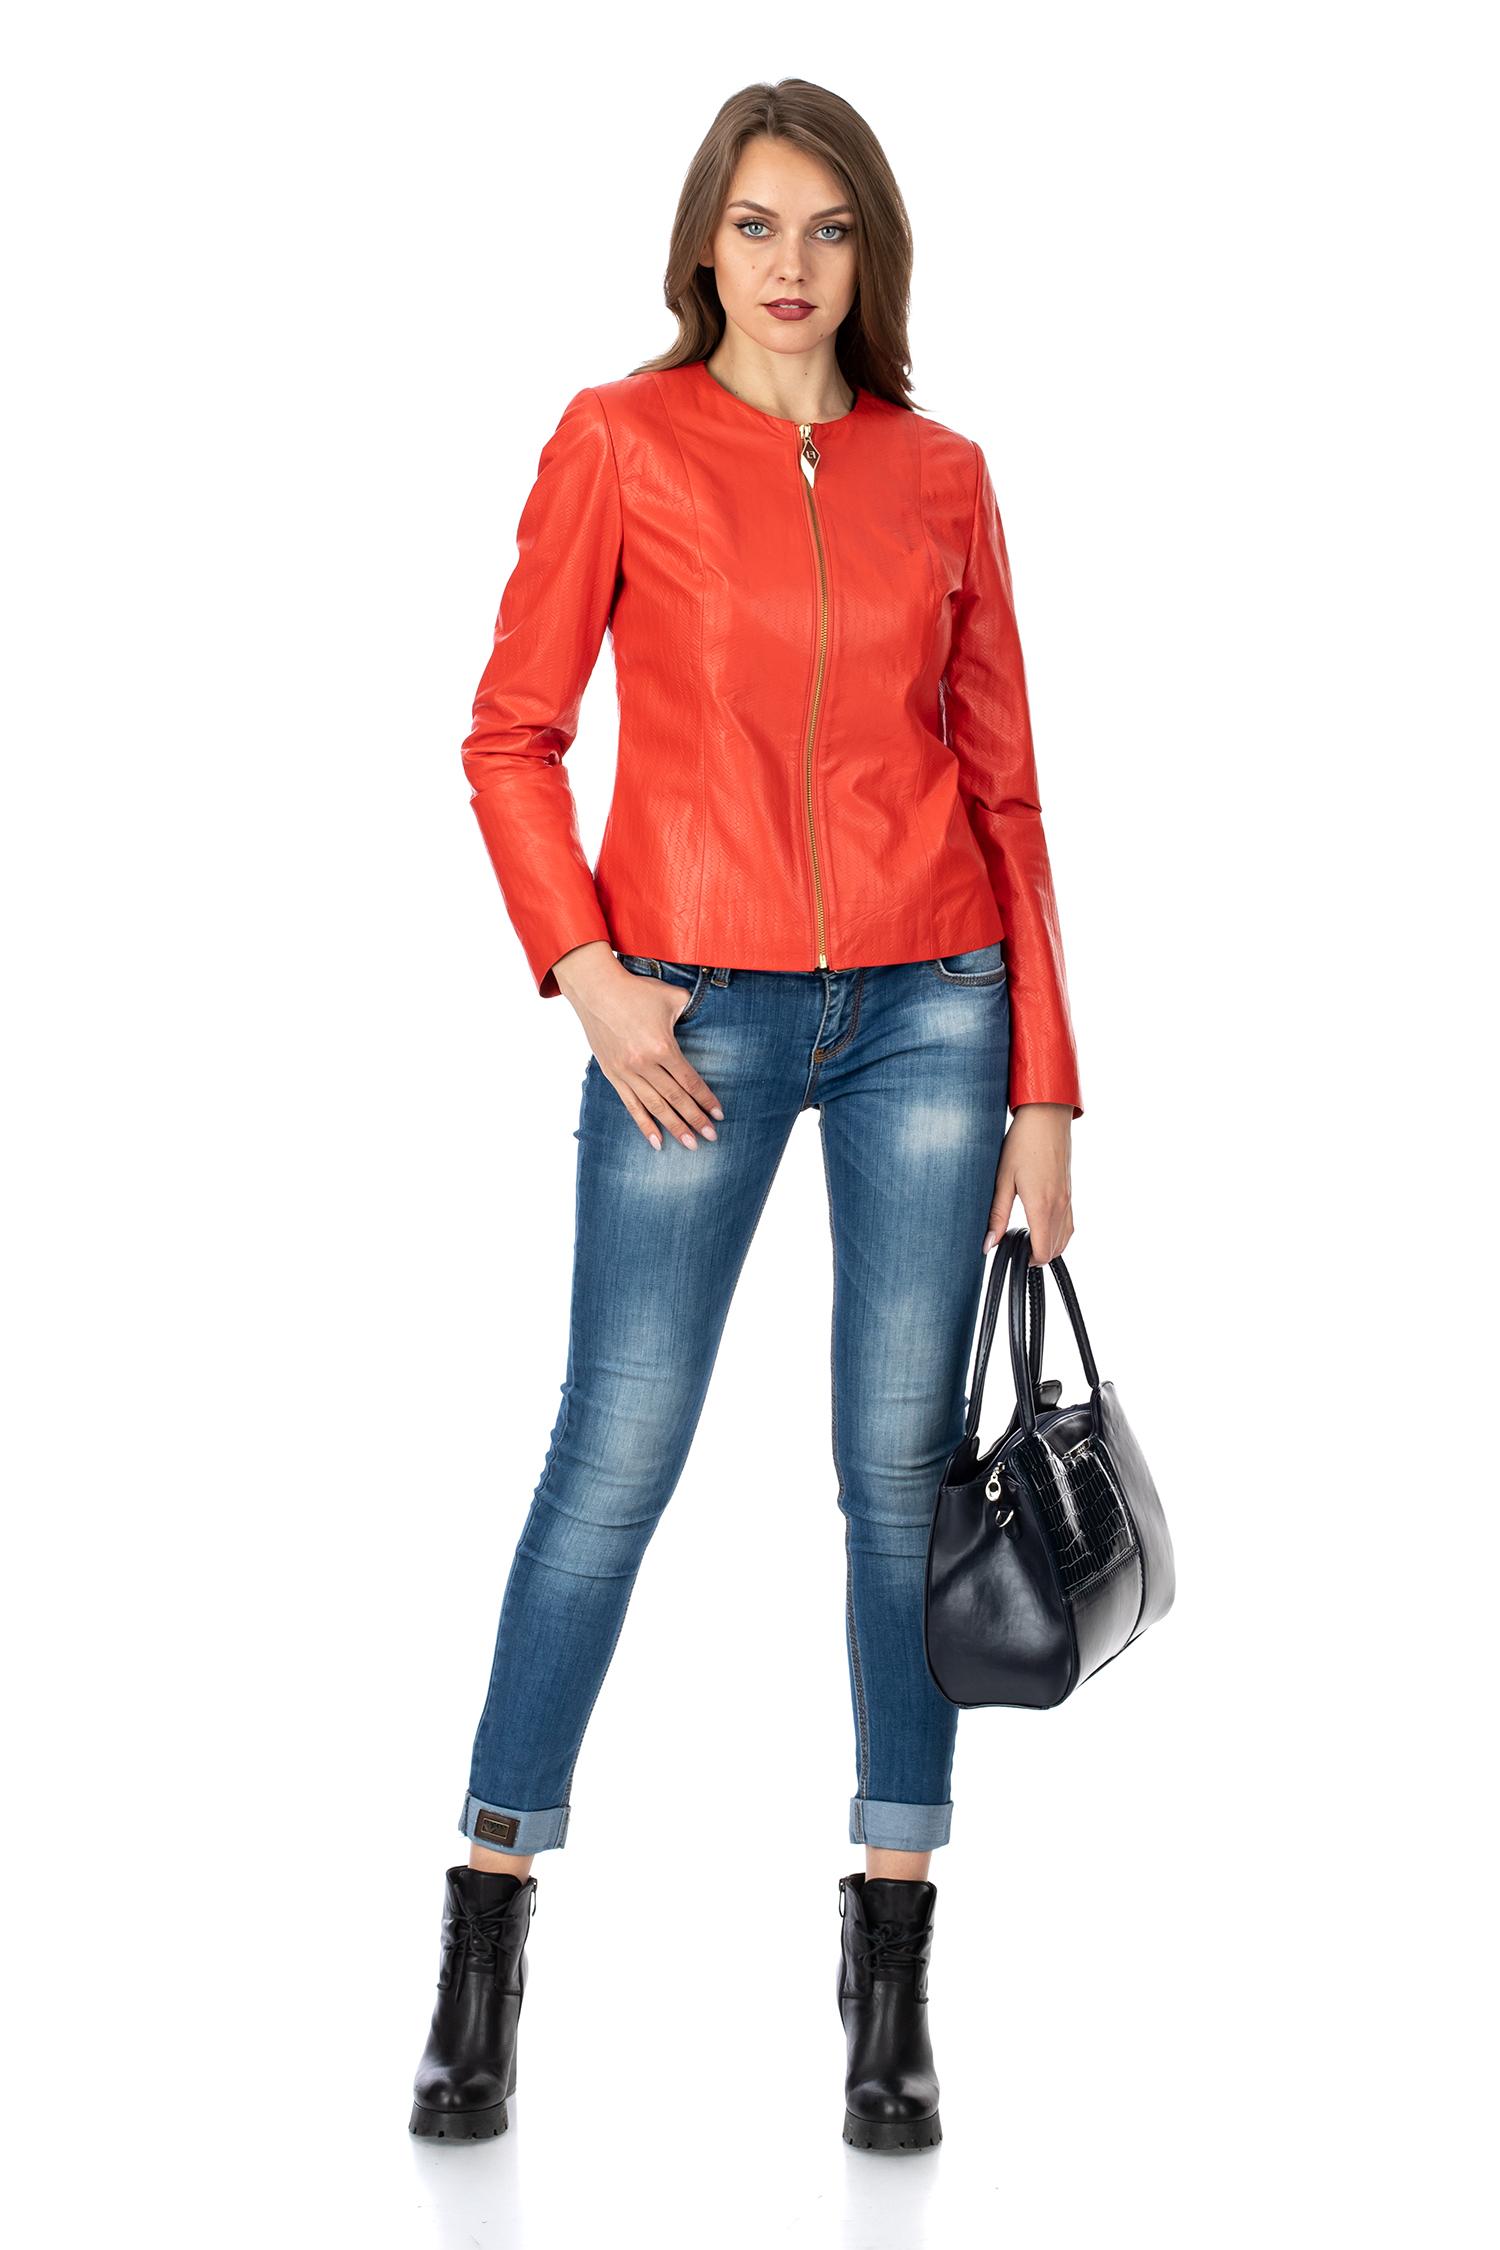 Фото 2 - Женская кожаная куртка из натуральной кожи без воротника от МОСМЕХА красного цвета